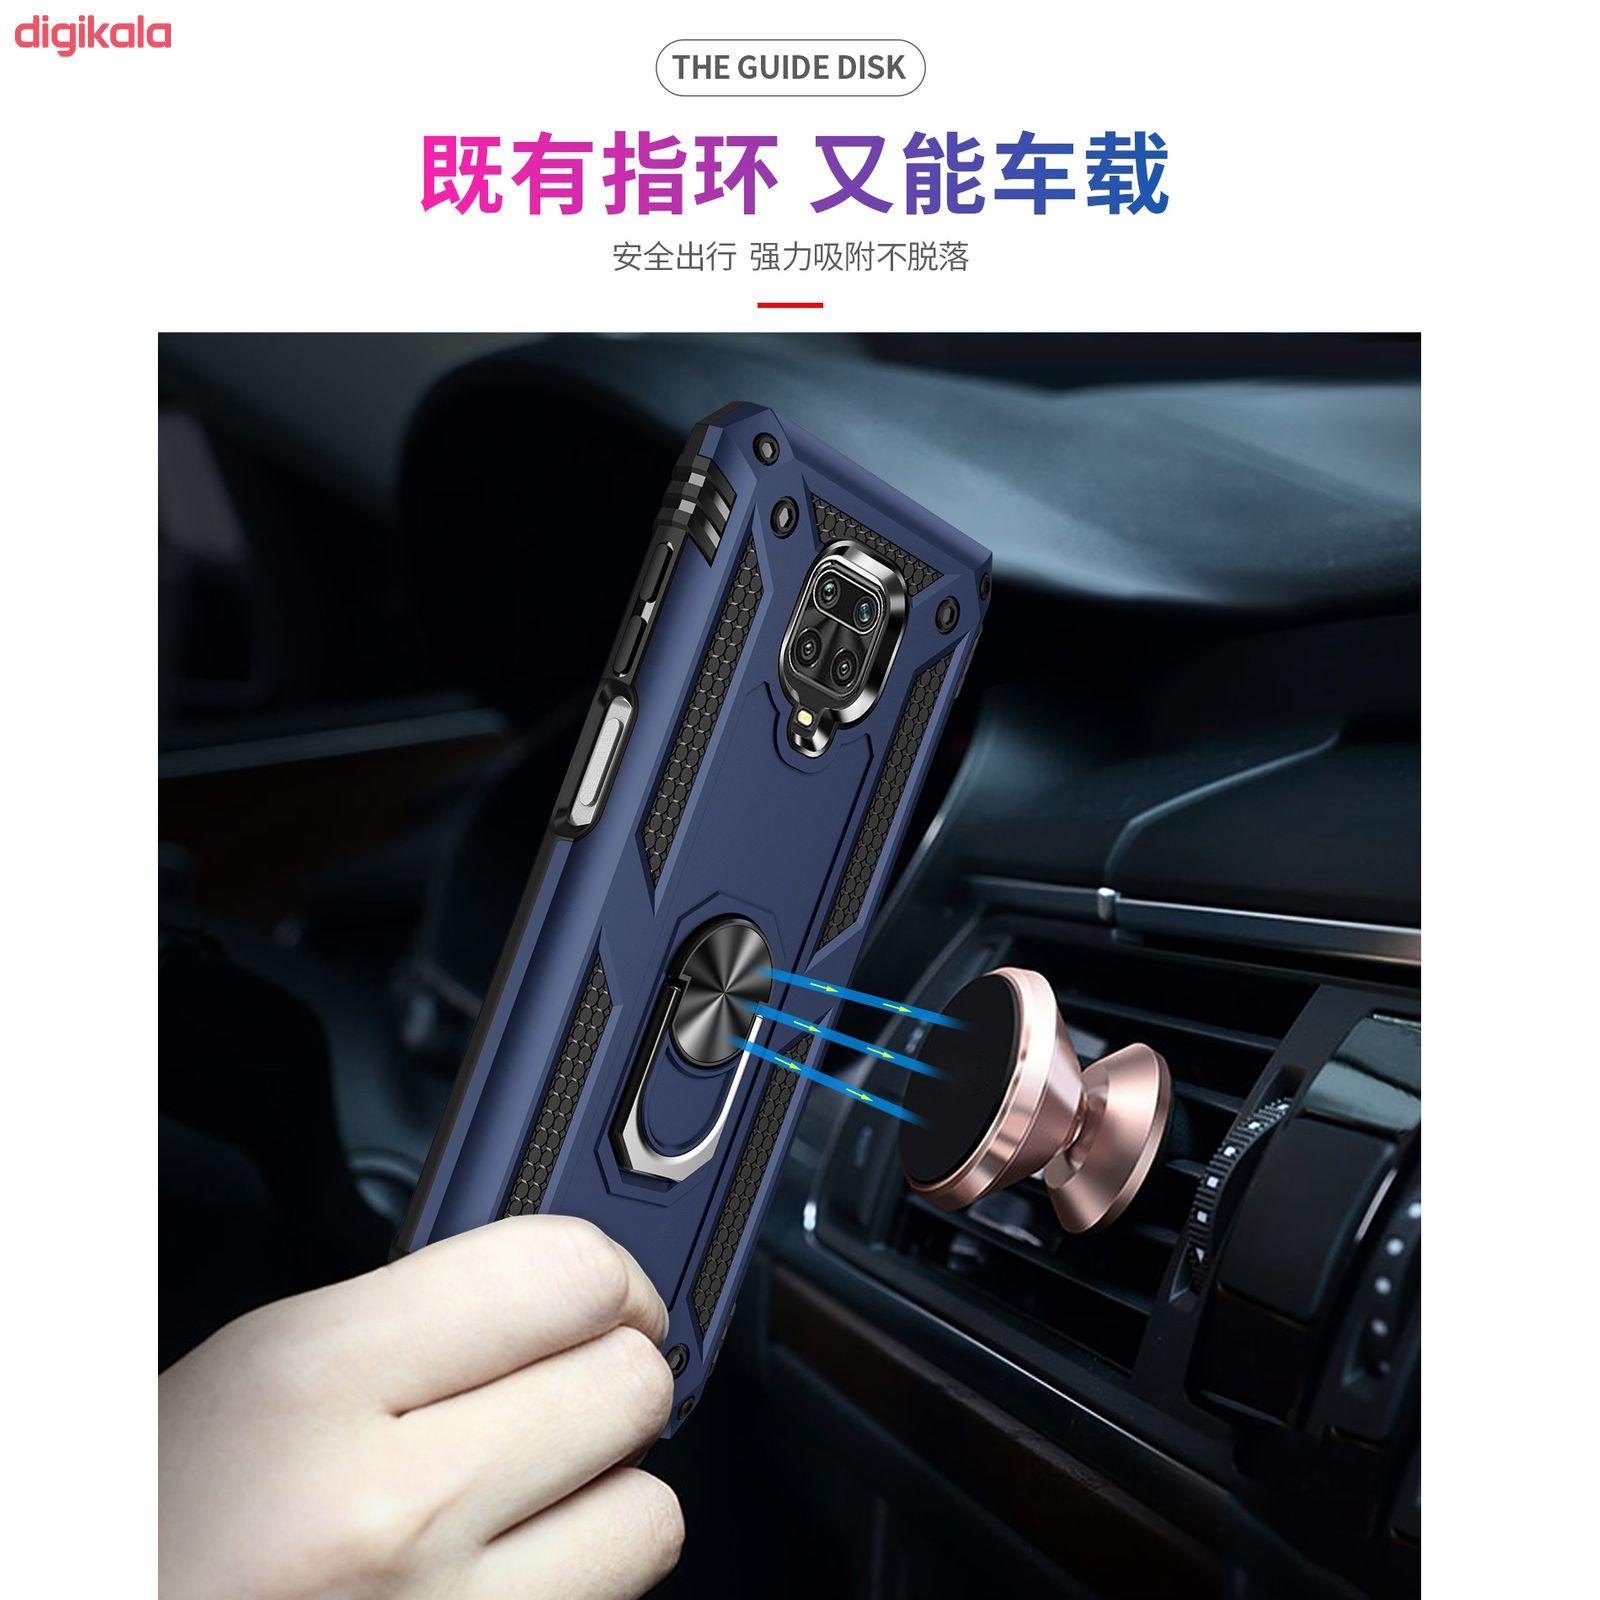 کاور آرمور مدل AR-2650 مناسب برای گوشی موبایل شیائومی Redmi Note 9s / Note 9 Pro main 1 8